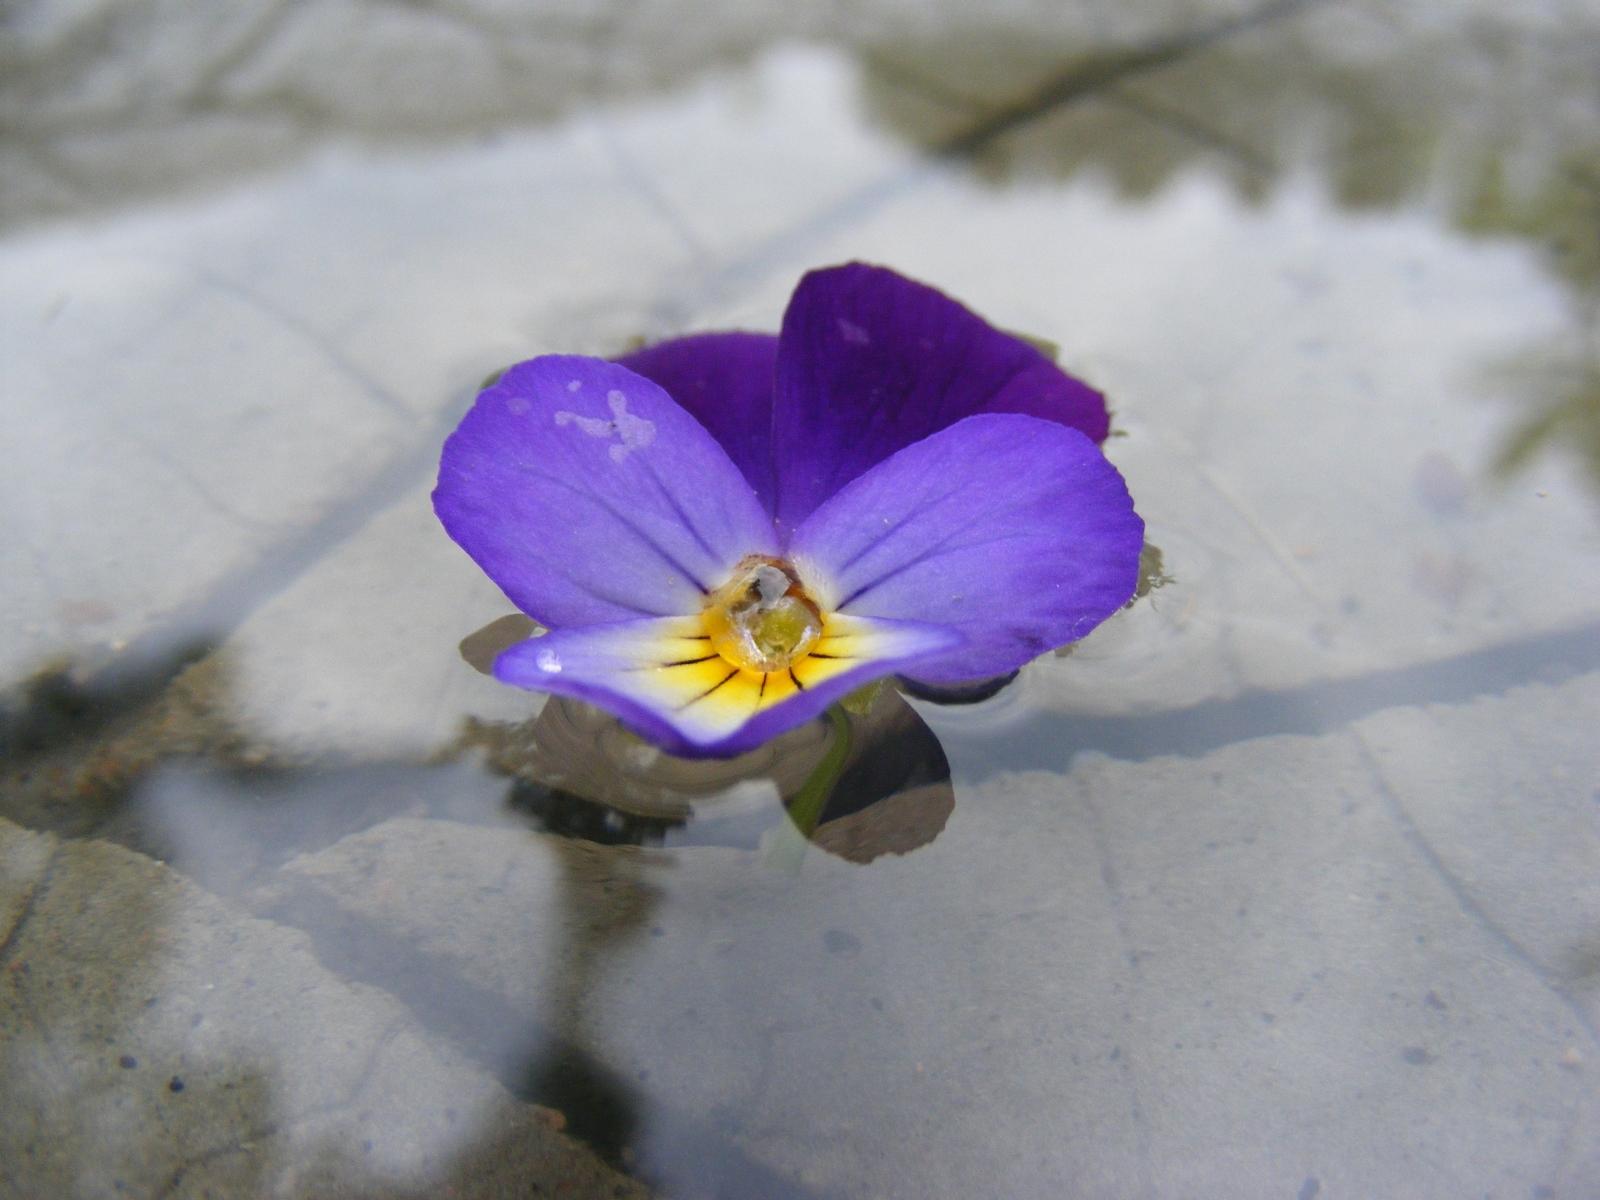 1418 Заставки и Обои Анютины Глазки на телефон. Скачать Растения, Цветы, Анютины Глазки картинки бесплатно